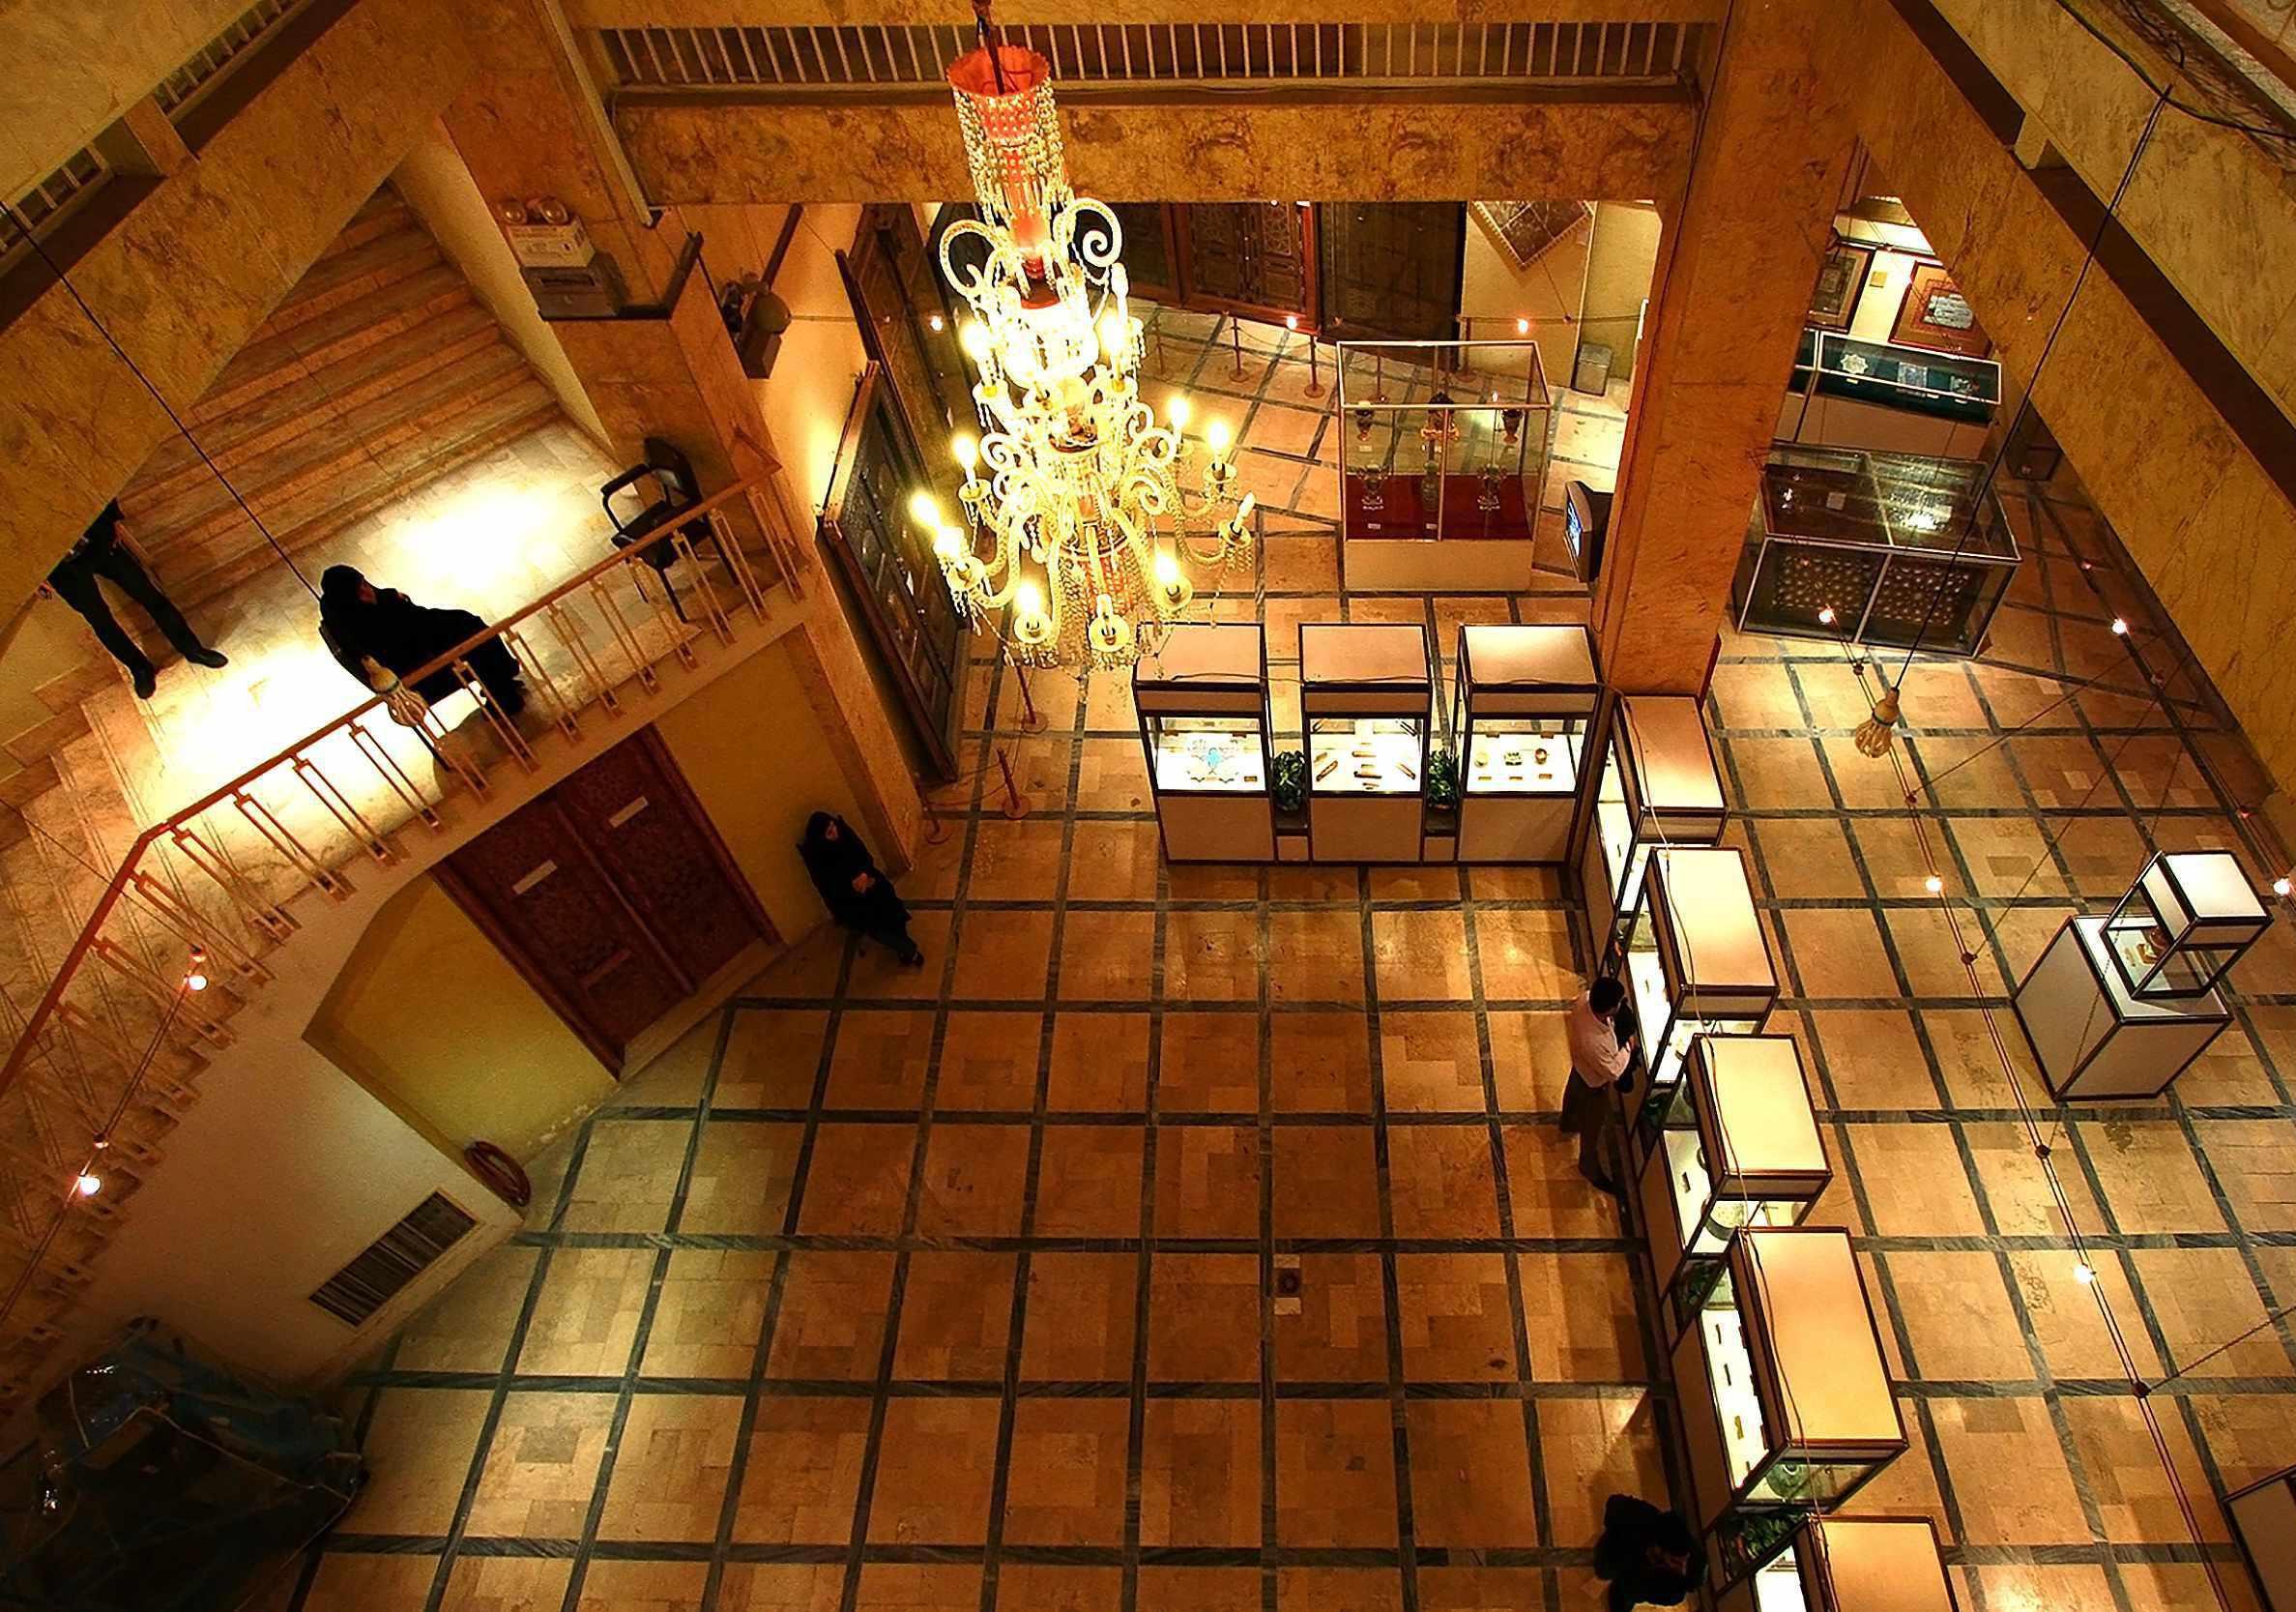 موزه آستانه مقدسه، یکی از ذخایر ارزشمند تاریخی و هنری